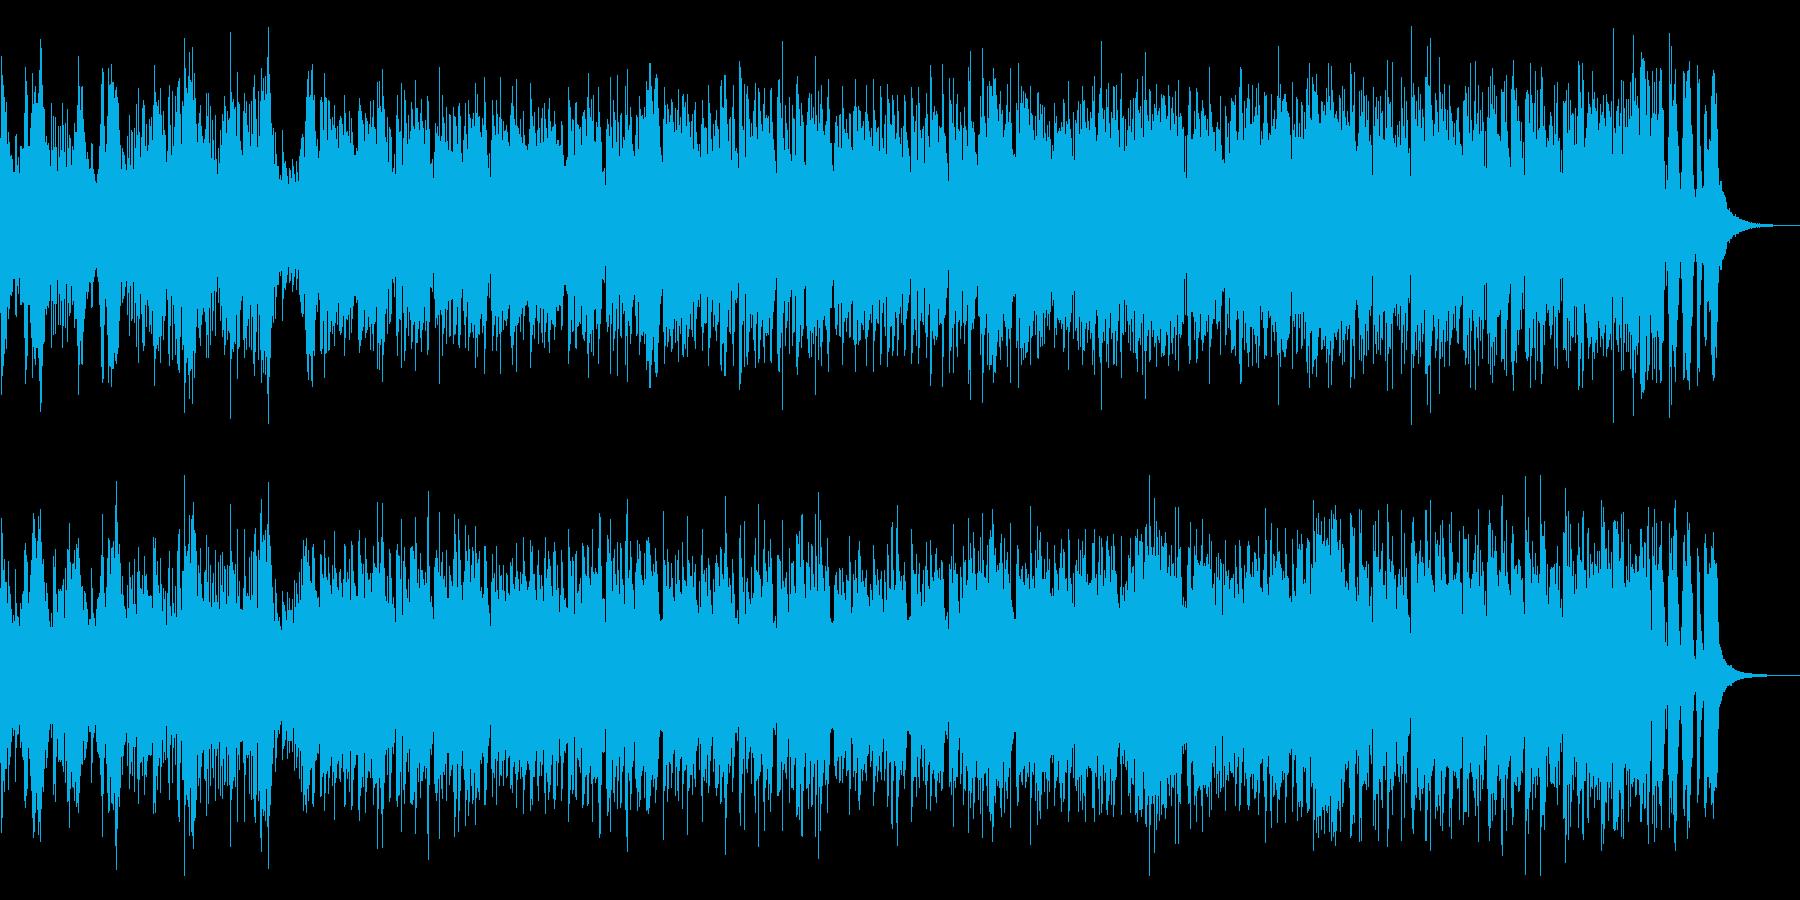 疾走感を印象させるピアノのメロディの曲の再生済みの波形